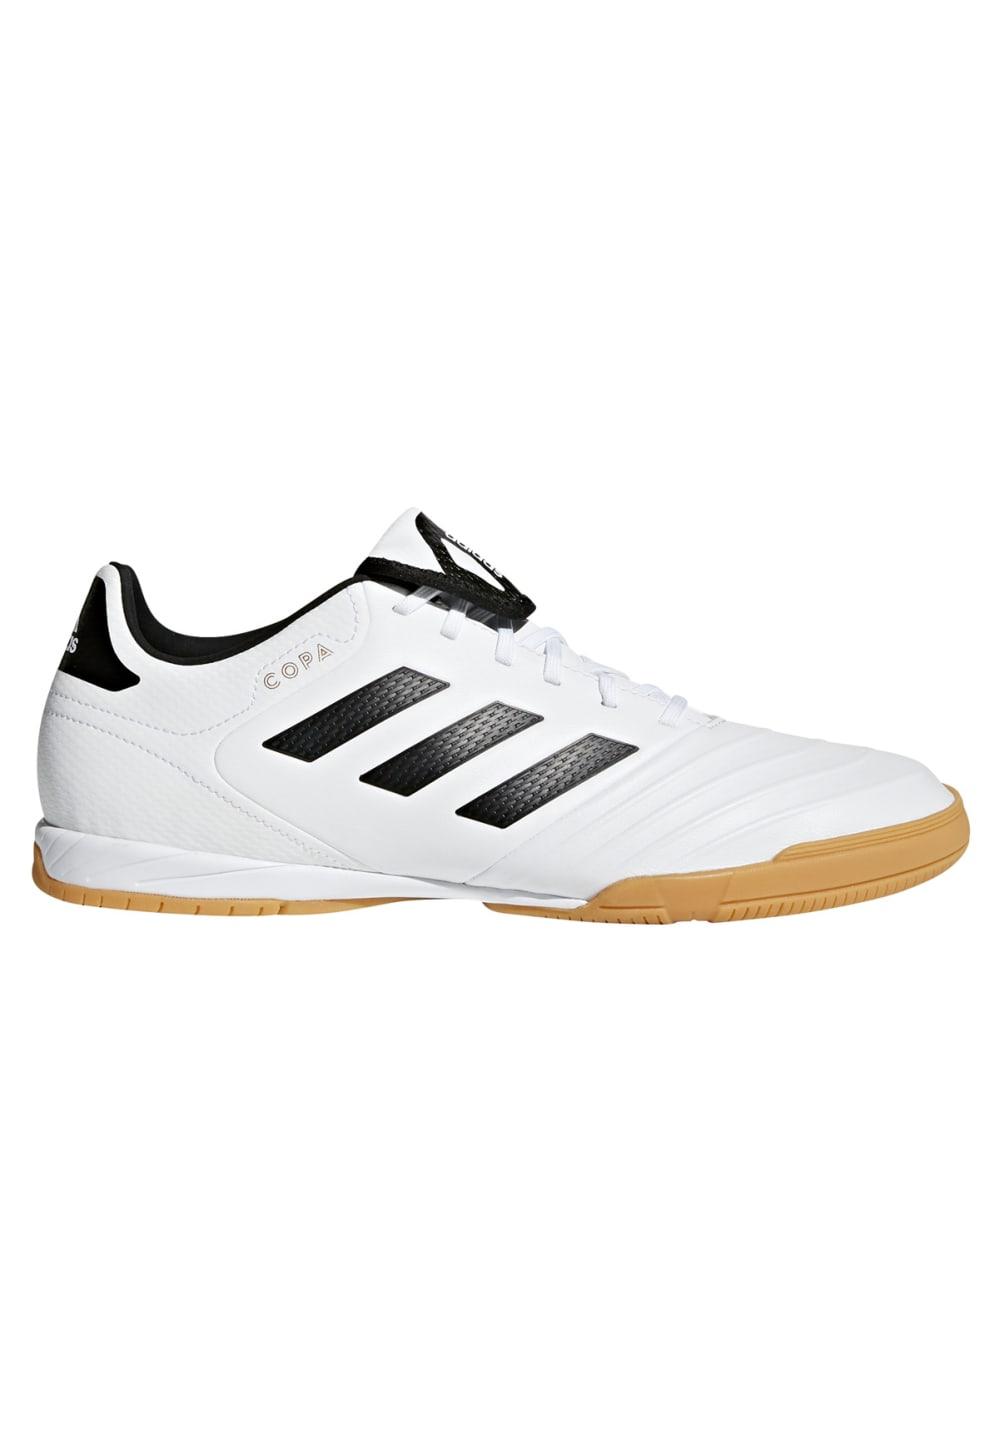 designer fashion de6ff 7888c -40%. Dieses Produkt ist derzeit ausverkauft. adidas. Copa Tango 18.3 In -  Fußballschuhe für Herren